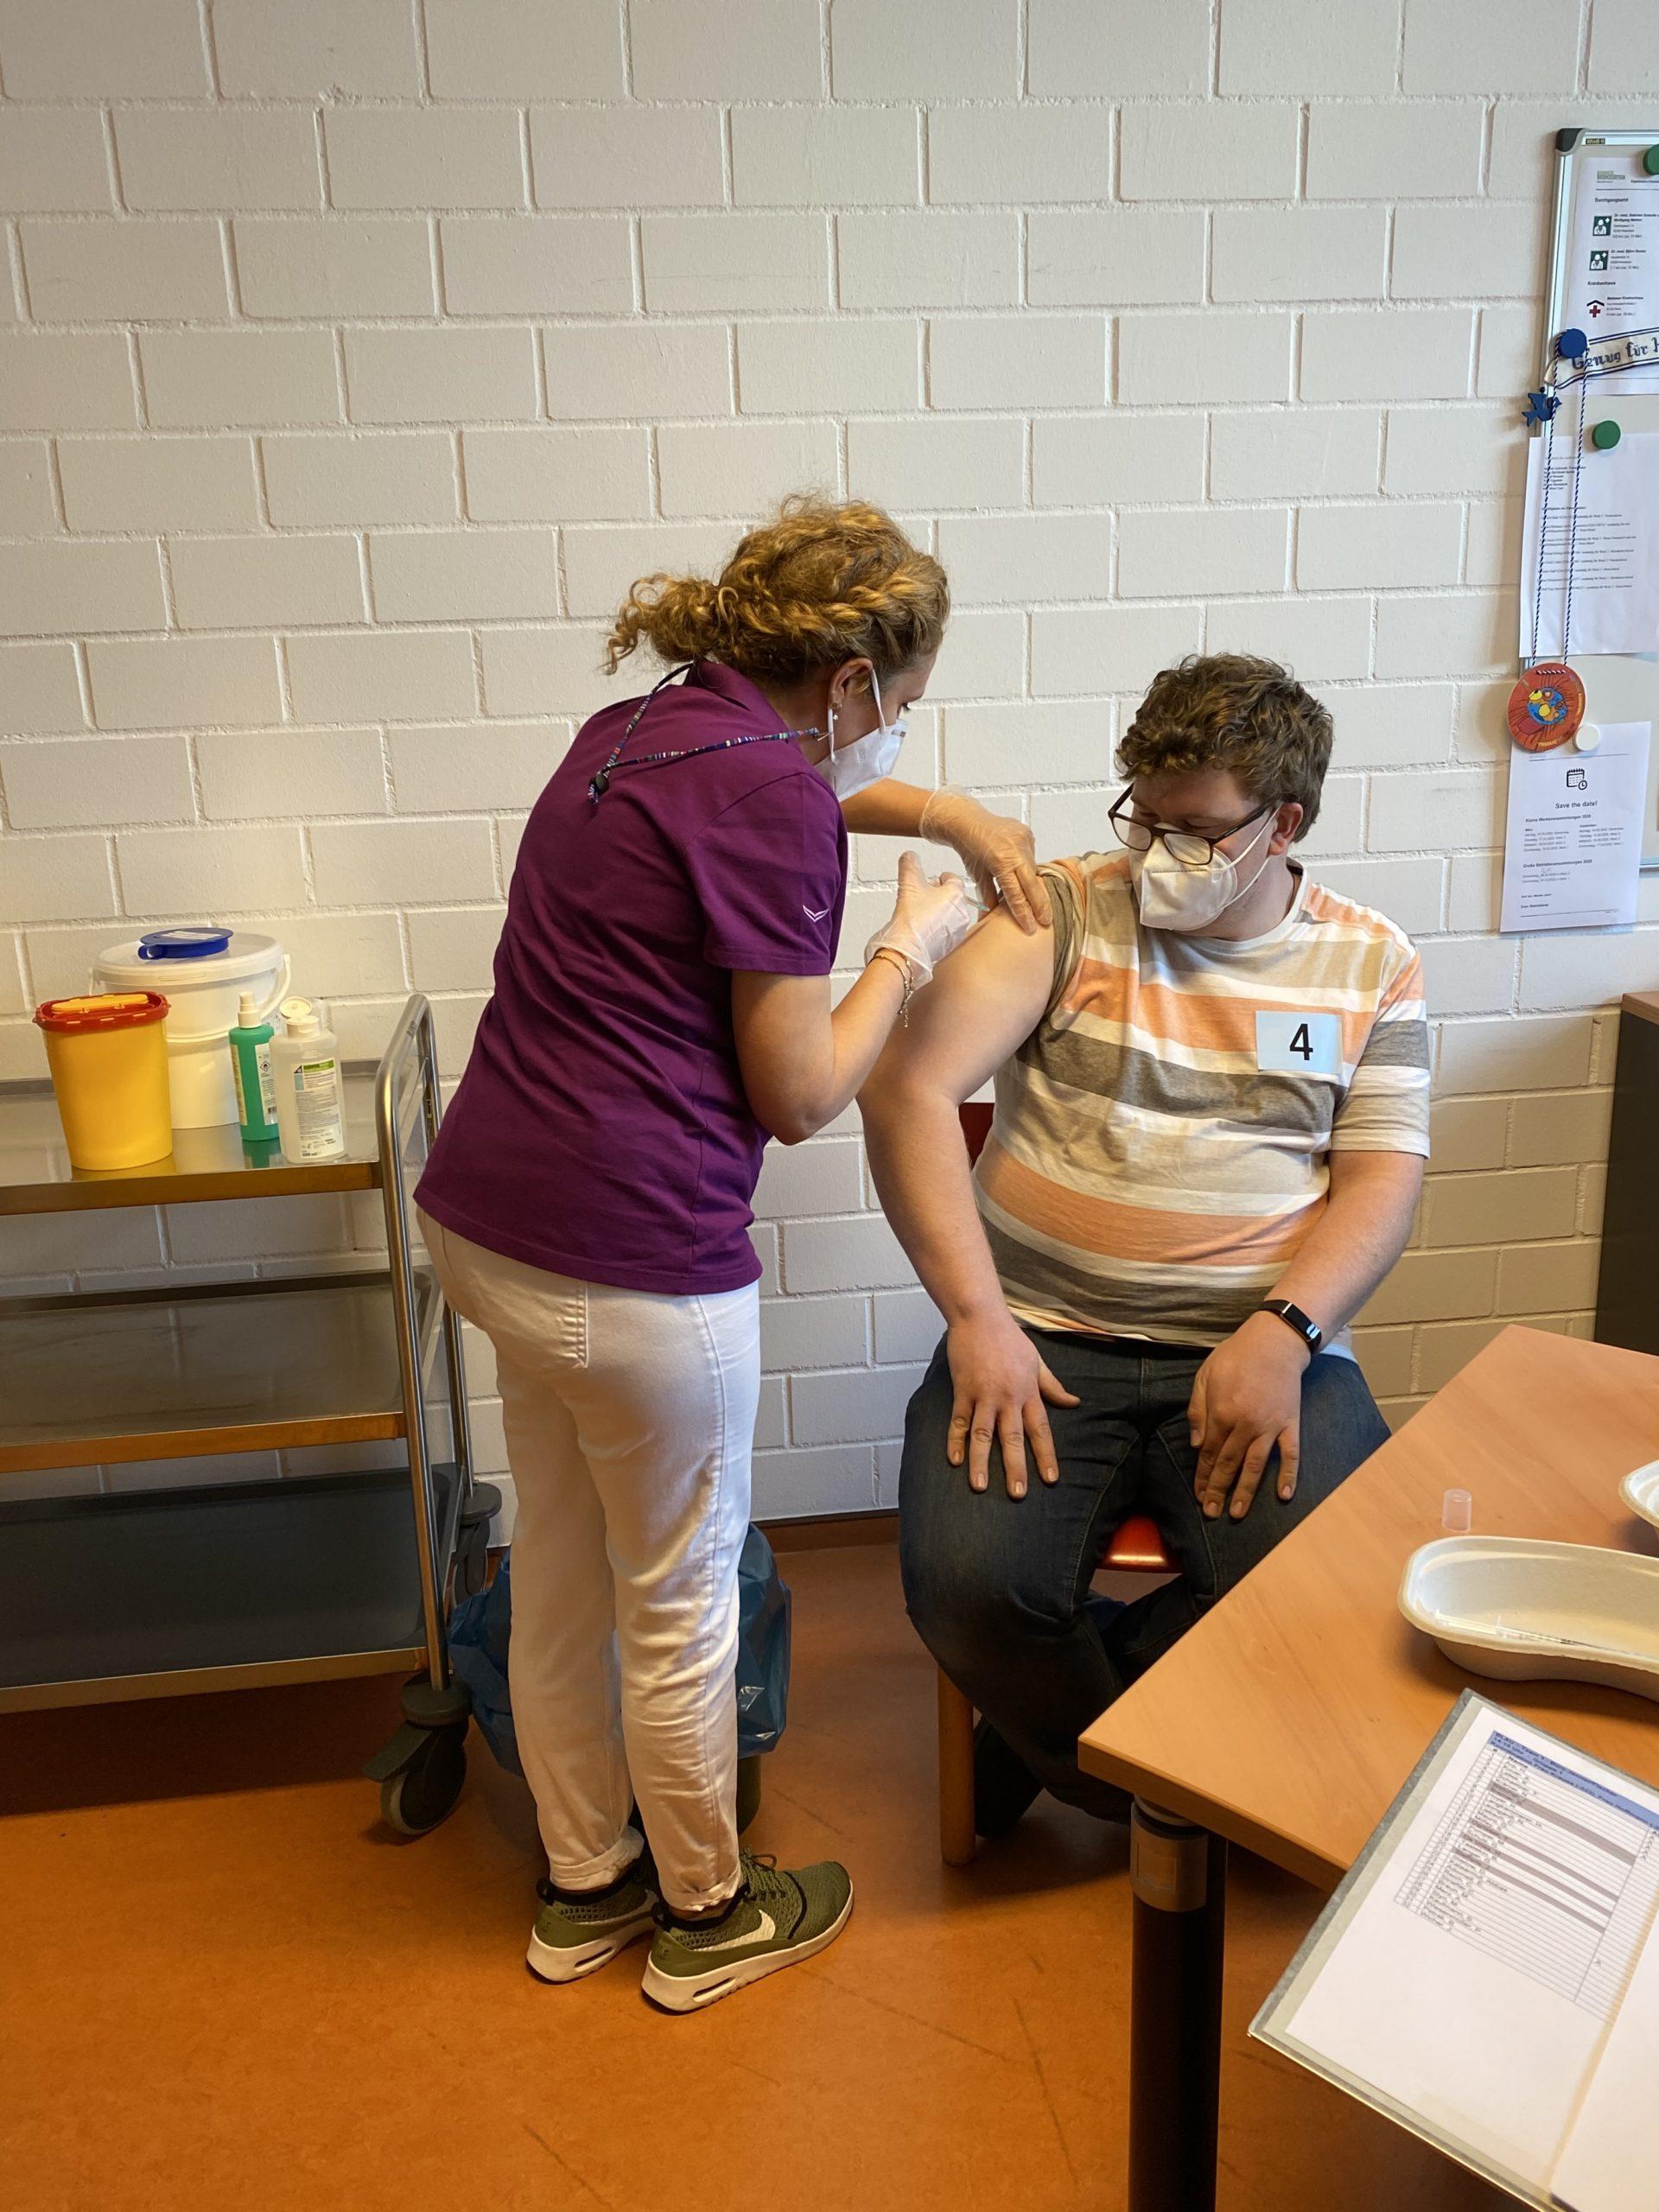 Mitarbeiter mit Beeinträchtigung wird in der WfbM geimpft